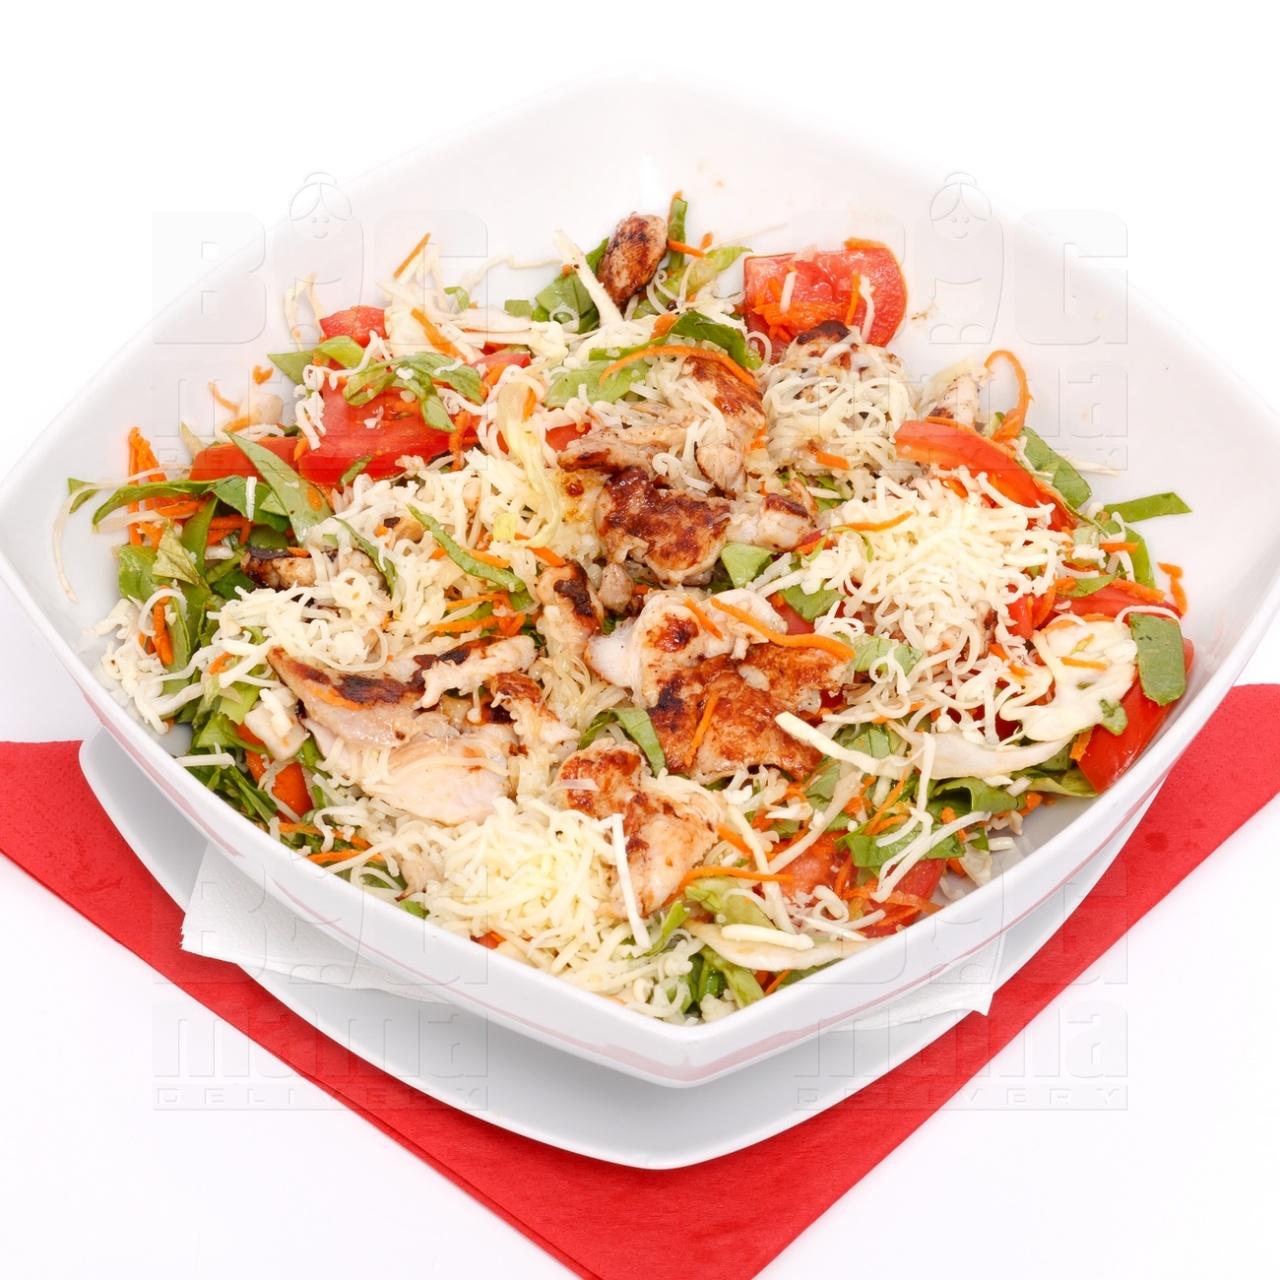 Product #32 image - Salată Cezar